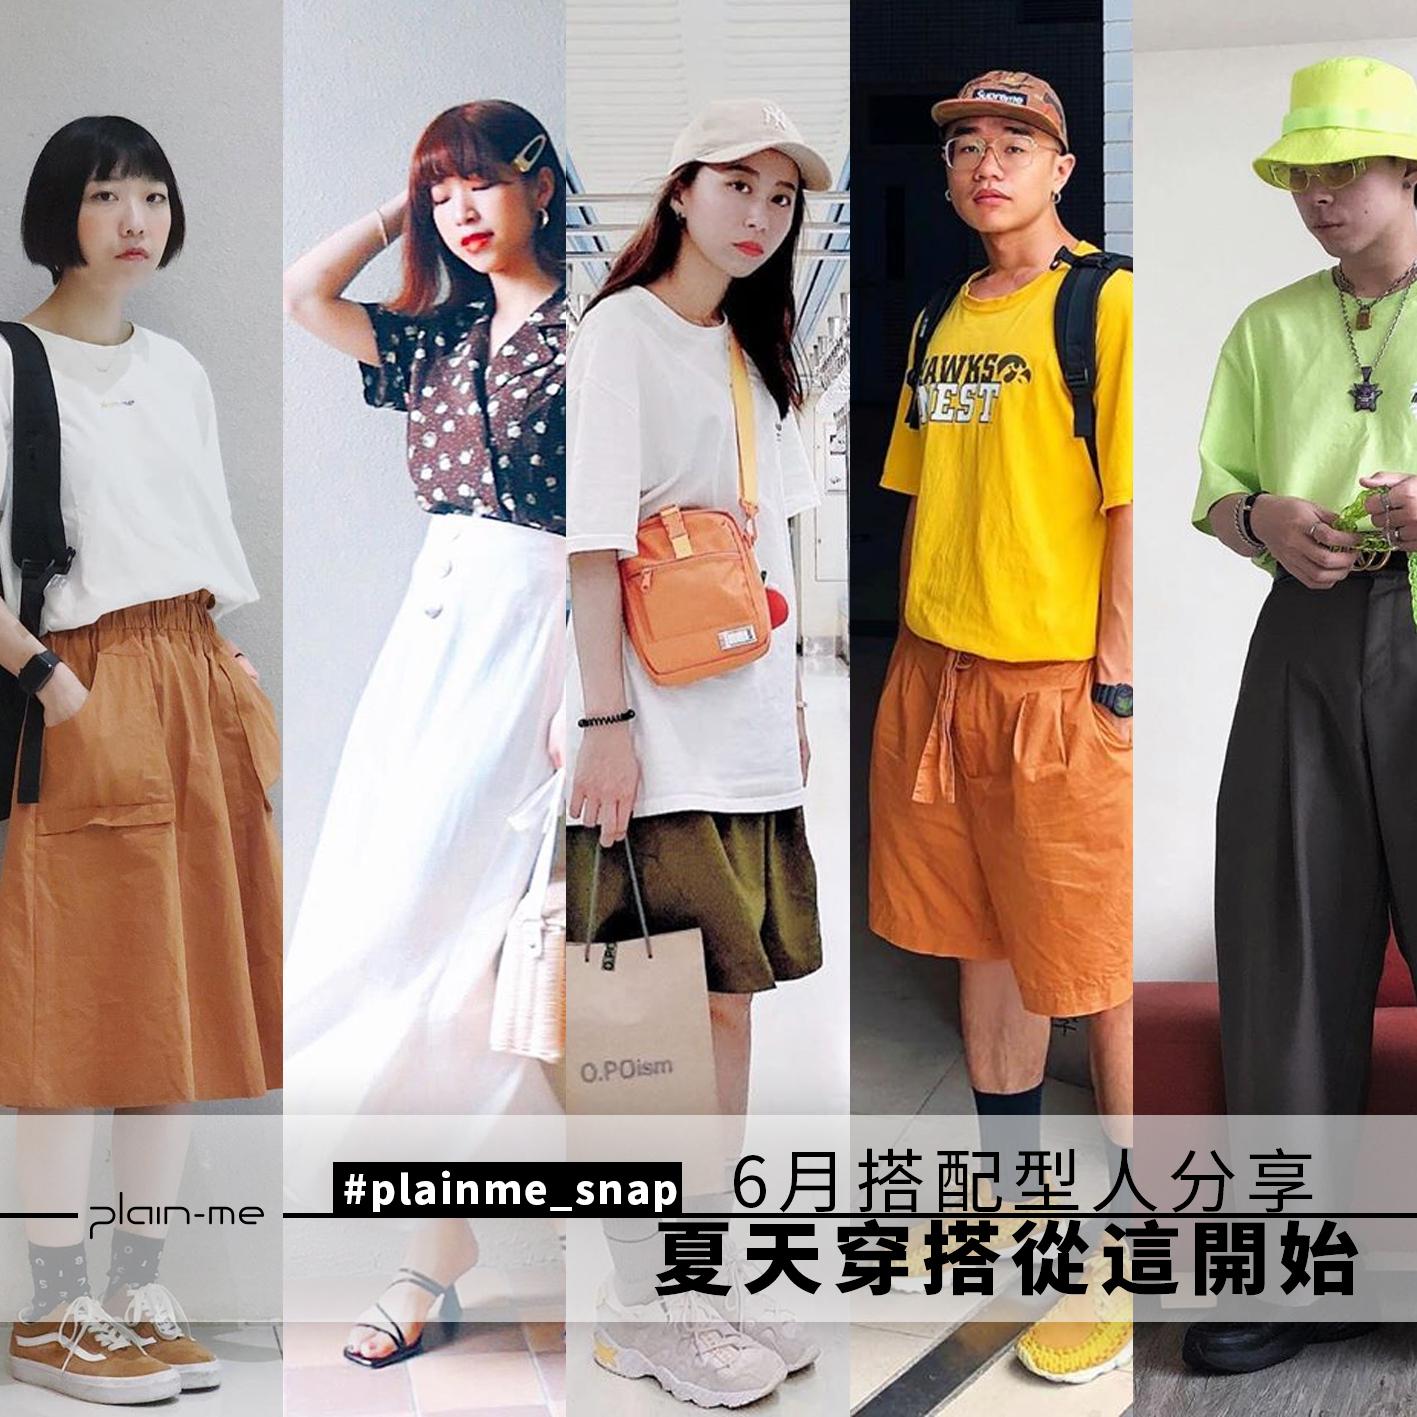 穿搭型人,IG,plainme_snap,instagram,搭配,穿搭,搭配,型人,穿搭,6月,IG型人穿搭,夏天穿搭,夏季穿搭